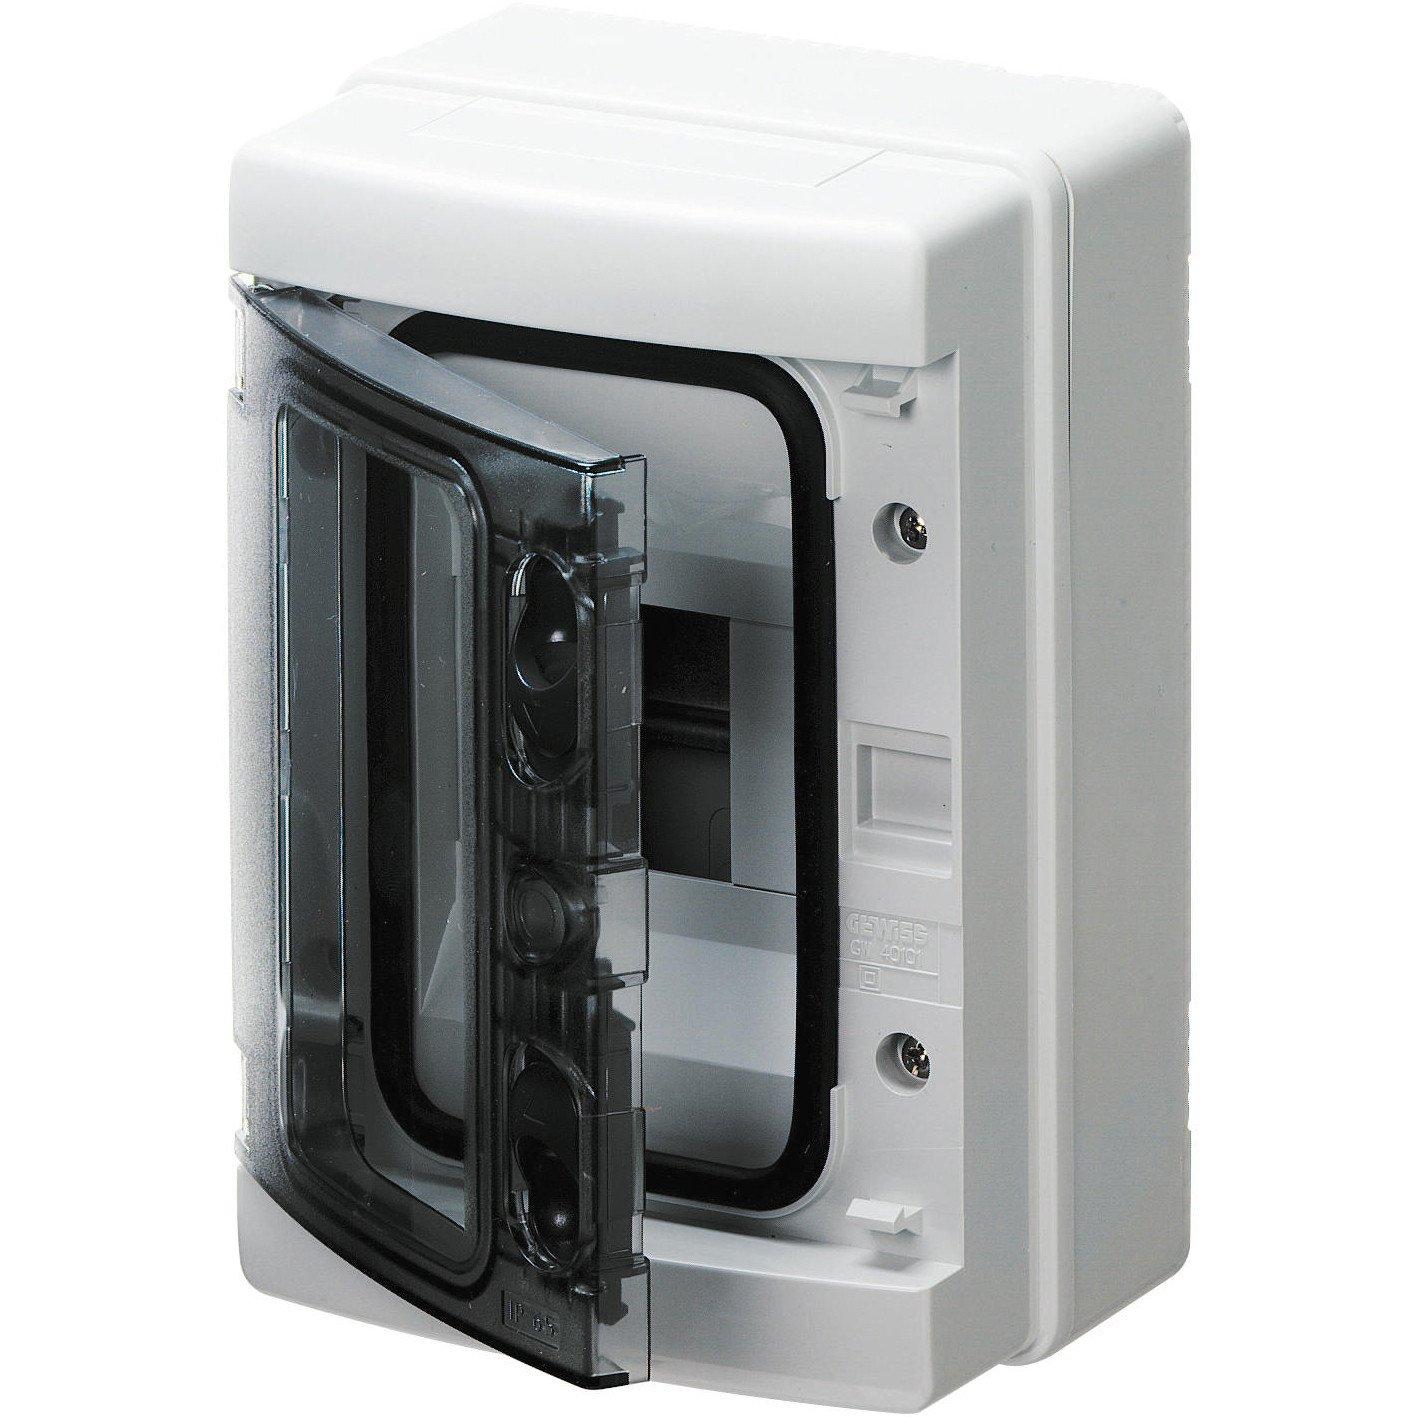 Gewiss GW40101 caja eléctrica - Caja para cuadro eléctrico (143 mm, 100 mm, 210 mm): Amazon.es: Bricolaje y herramientas